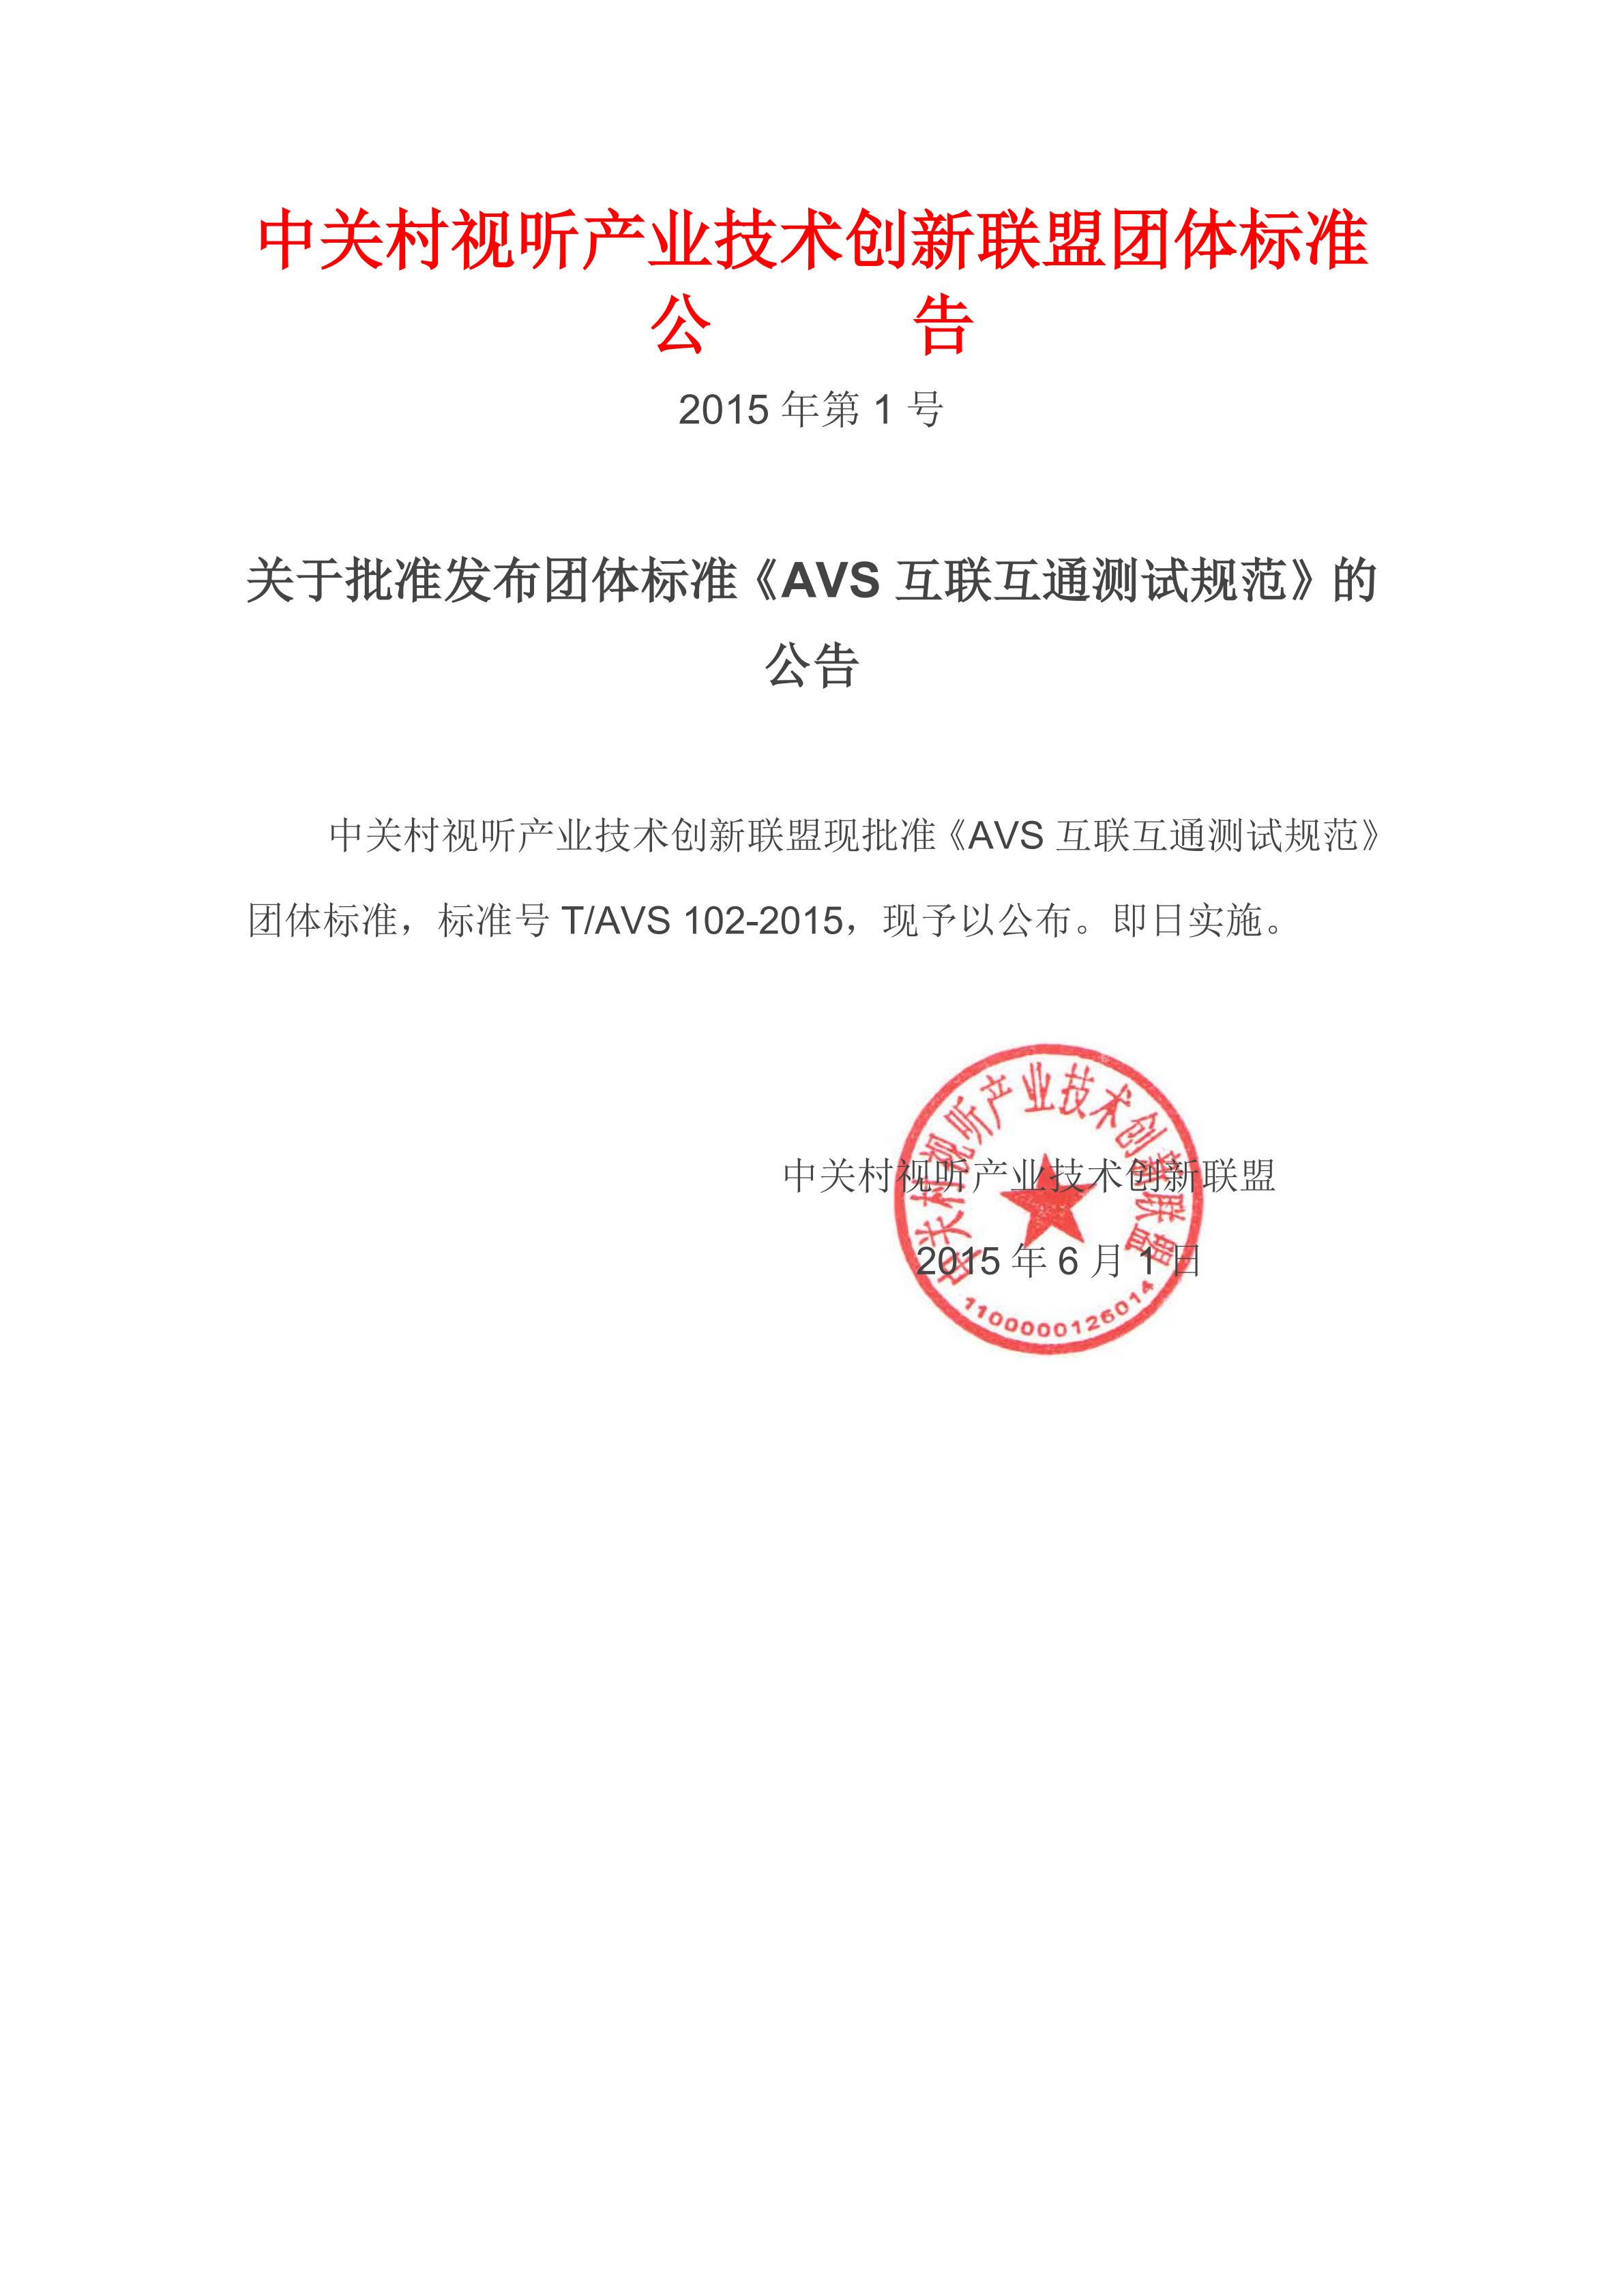 2.2015团体标准发布公告-AVS互联互通测试规范_00.png